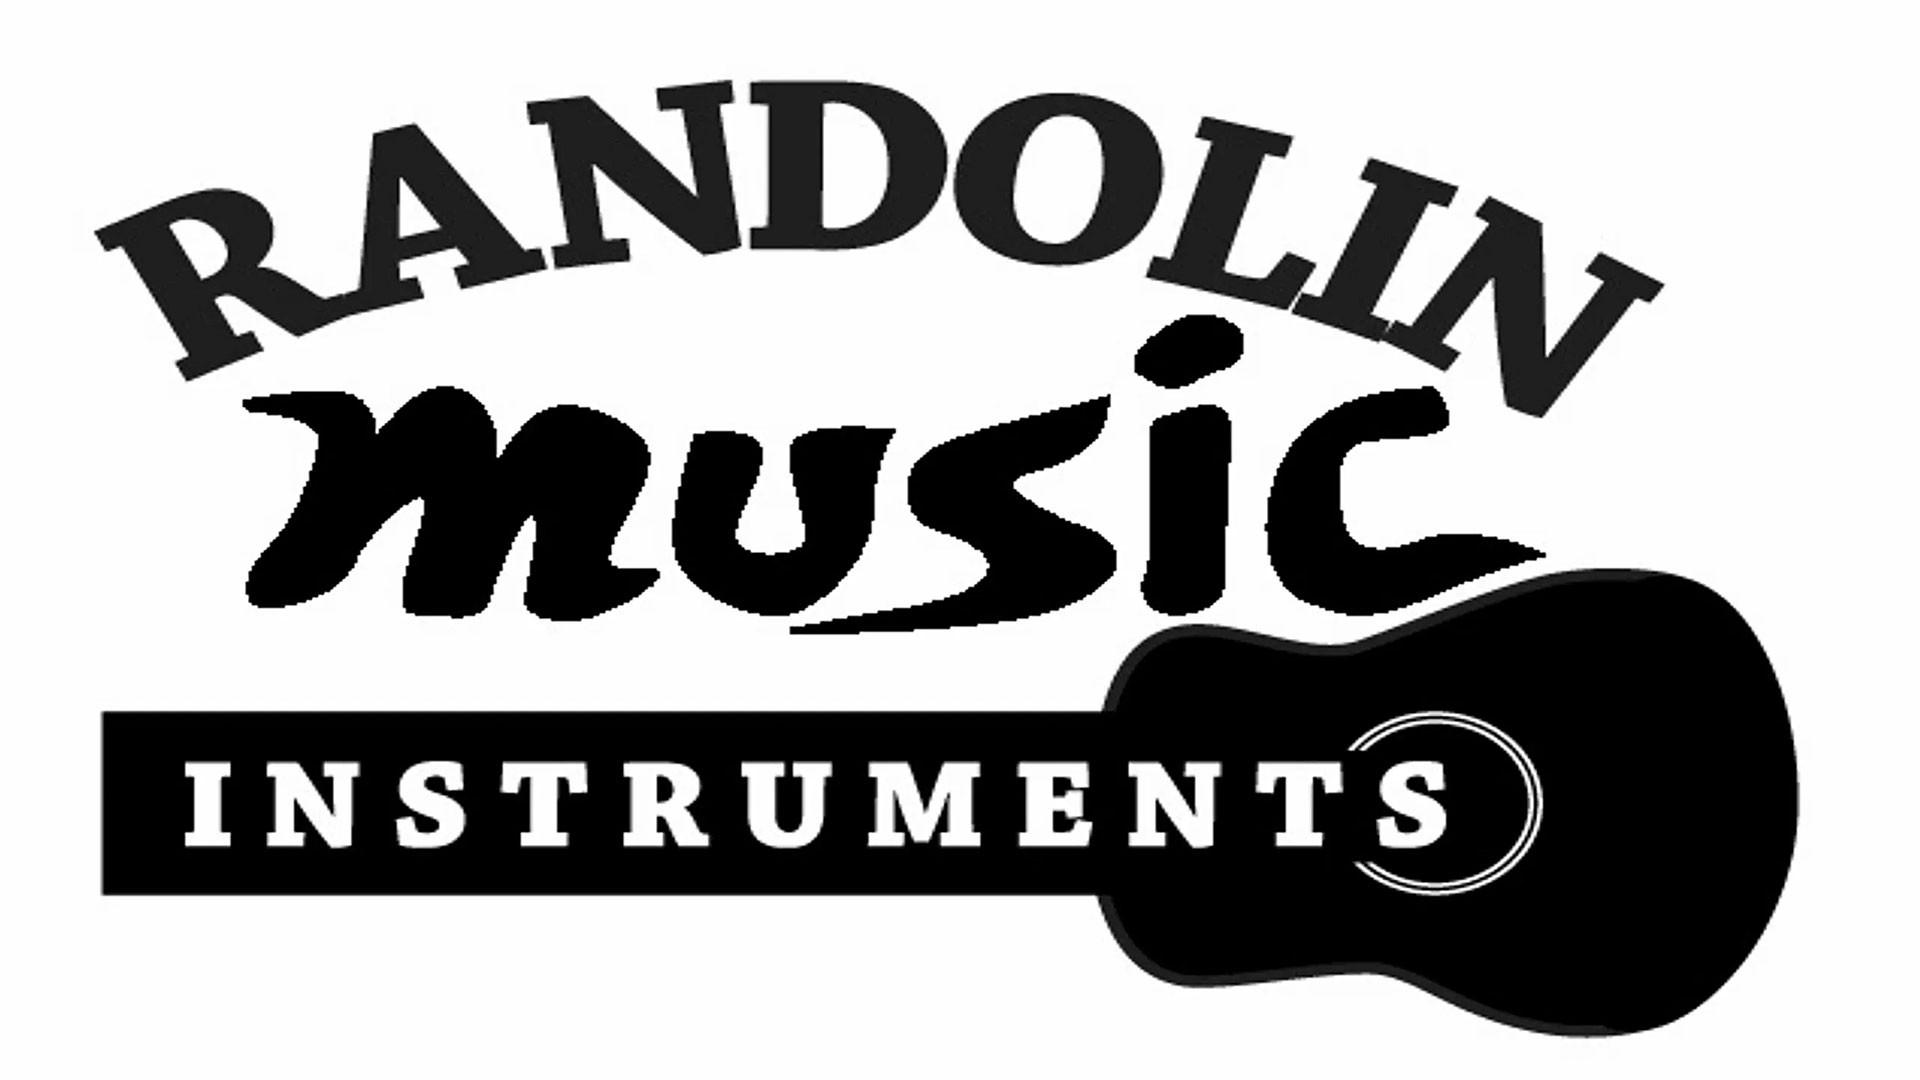 Randolin Music Instruments